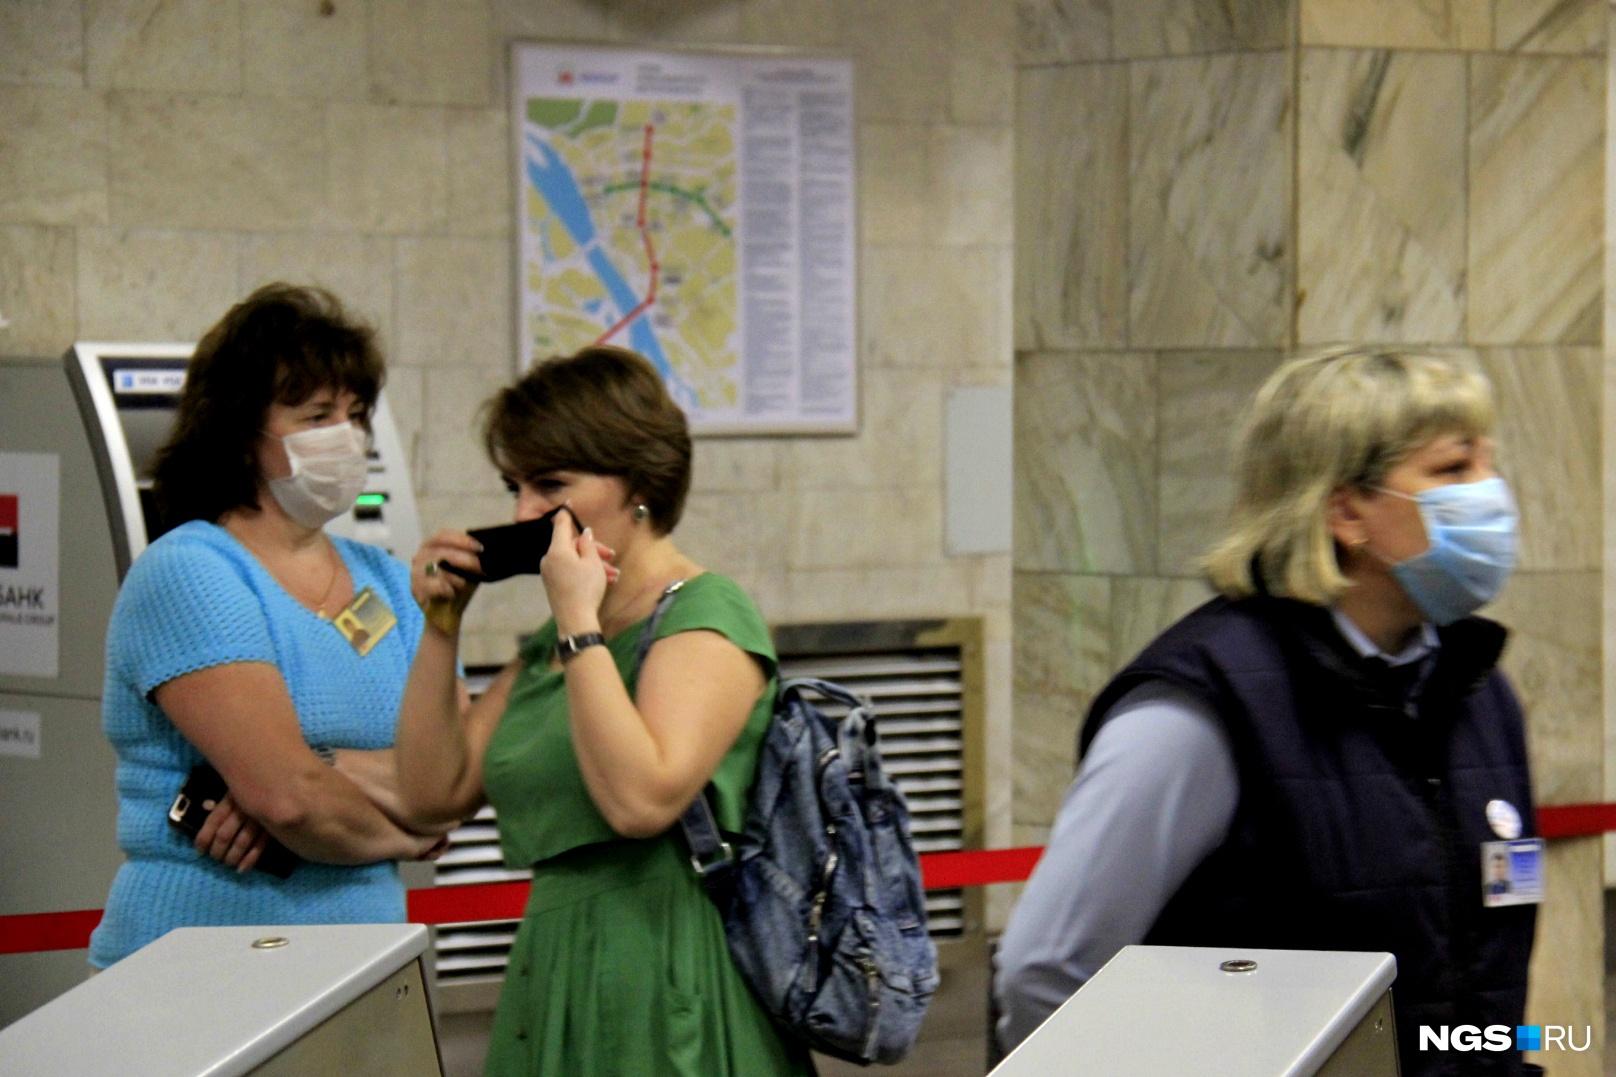 О новых правилах многие пассажиры уже наслышаны, поэтому к ношению масок оказались готовы